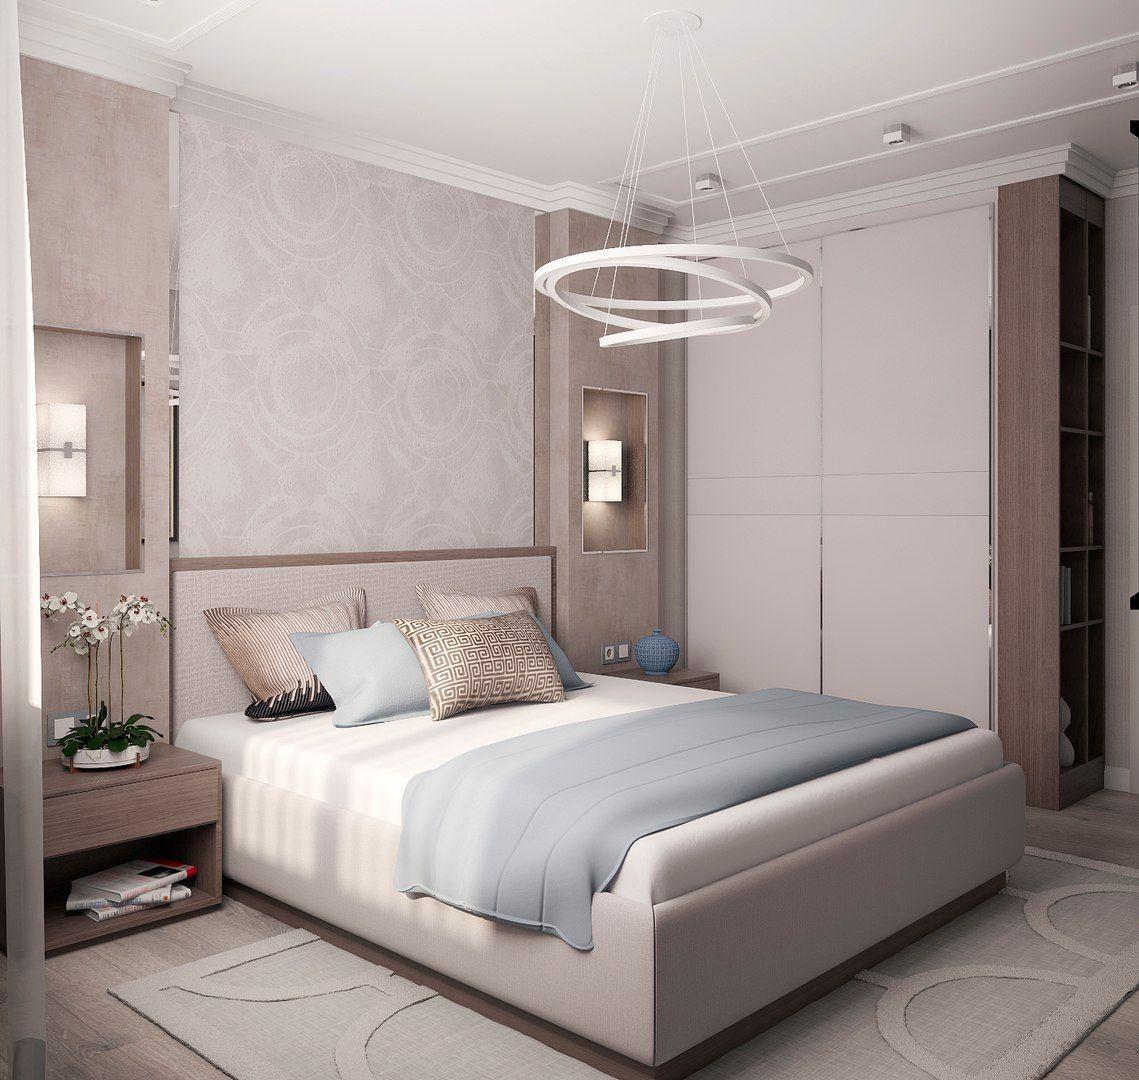 Trang trí phòng ngủ với hoa và đèn treo